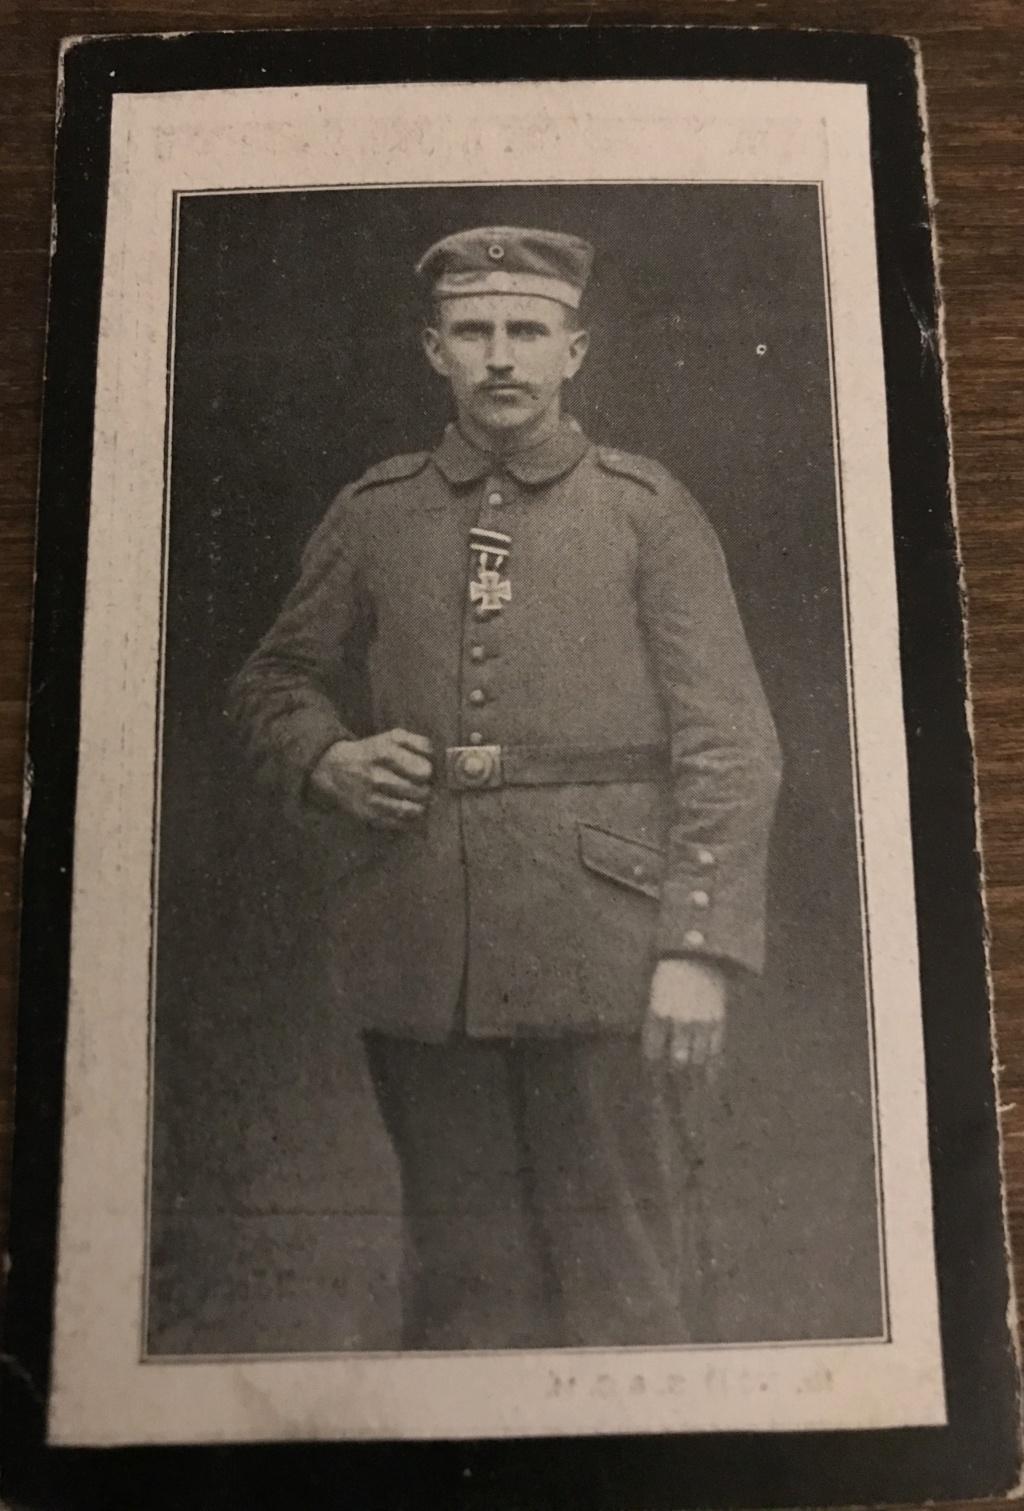 Avis de décès soldat allemand 14-18  - Page 2 506b8710